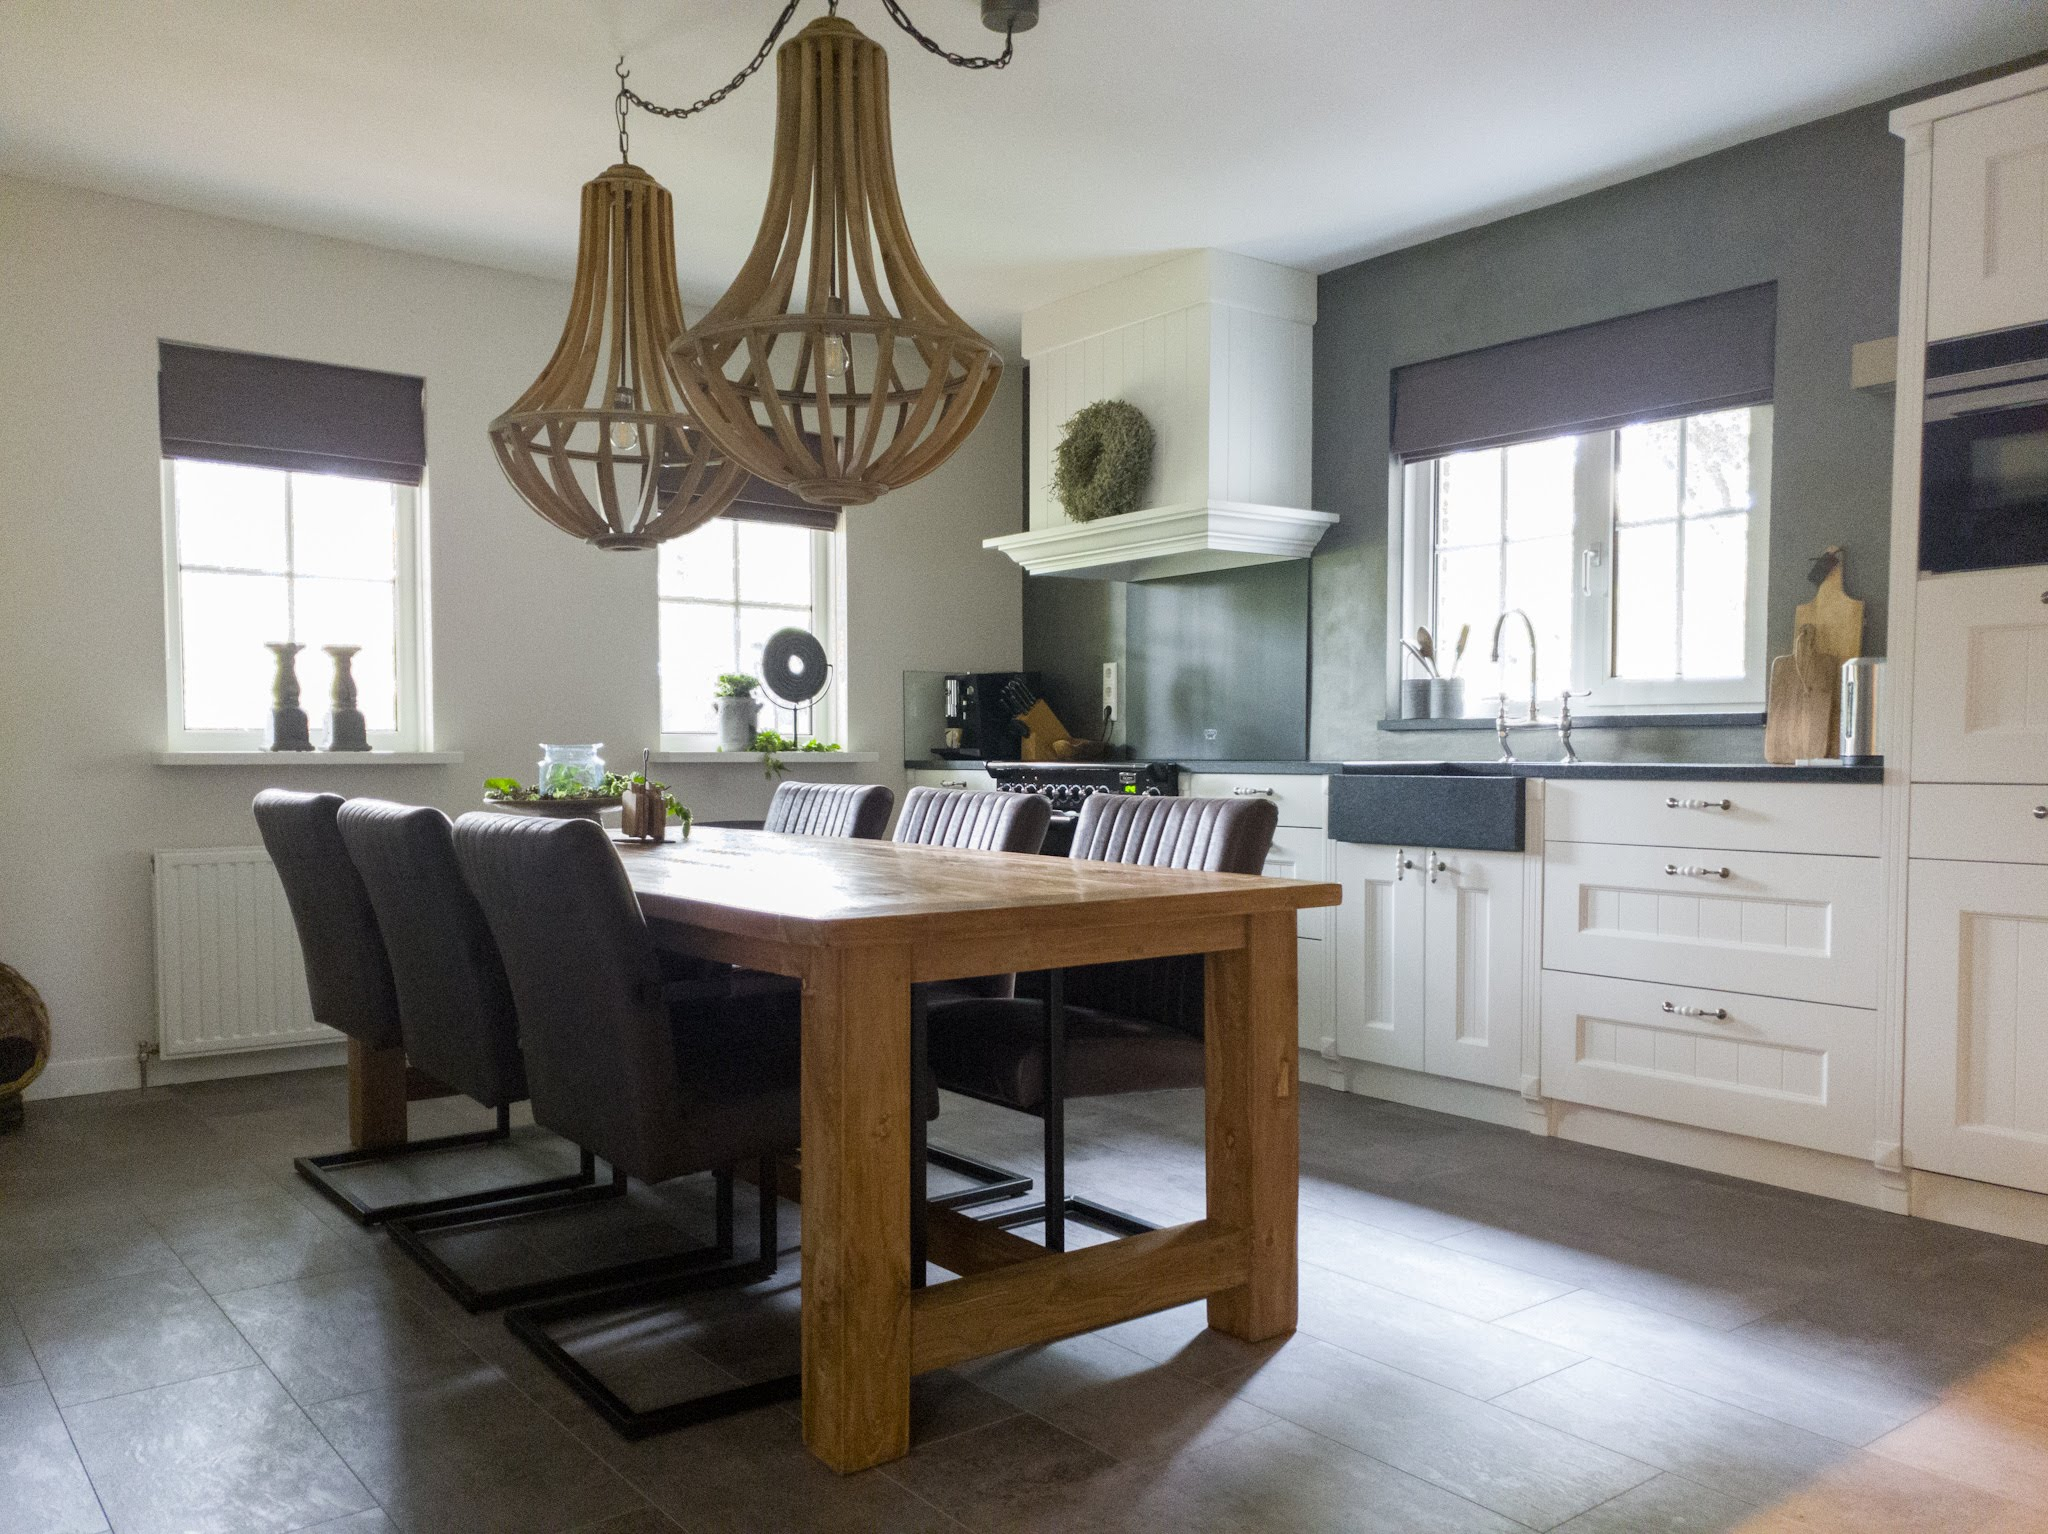 Landelijke herinrichting woonkamer keuken sandra's interieurstyling (12)